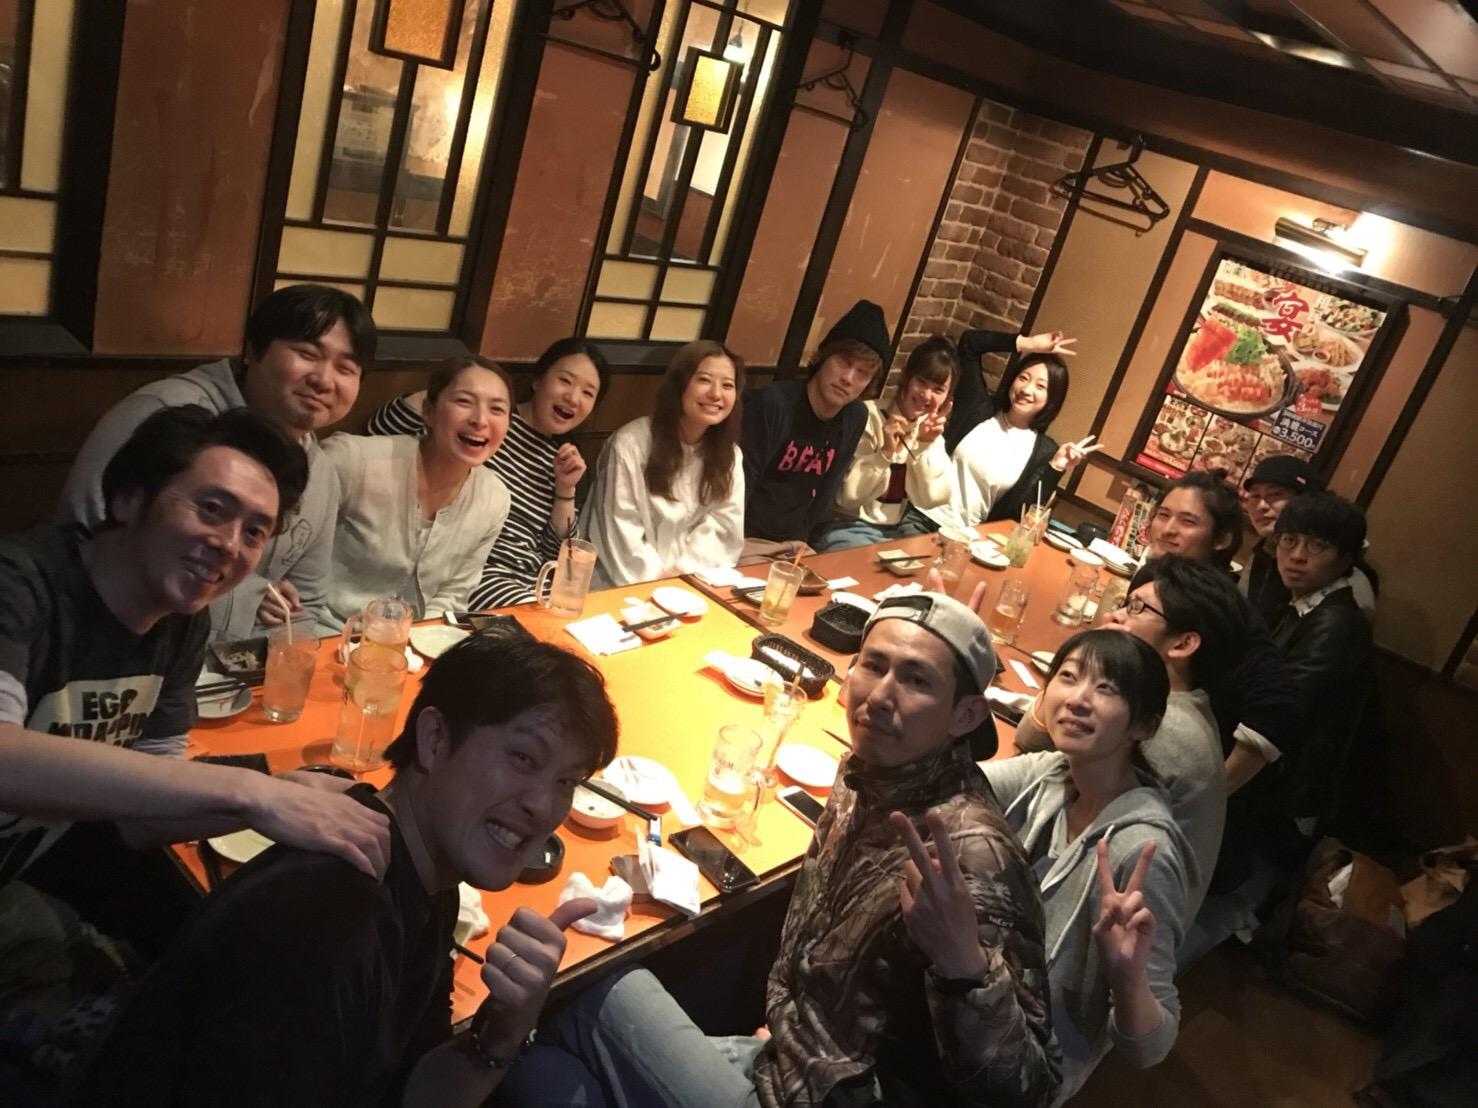 http://yamazaki-kazuyuki.com/diary/IMG_5488.JPG